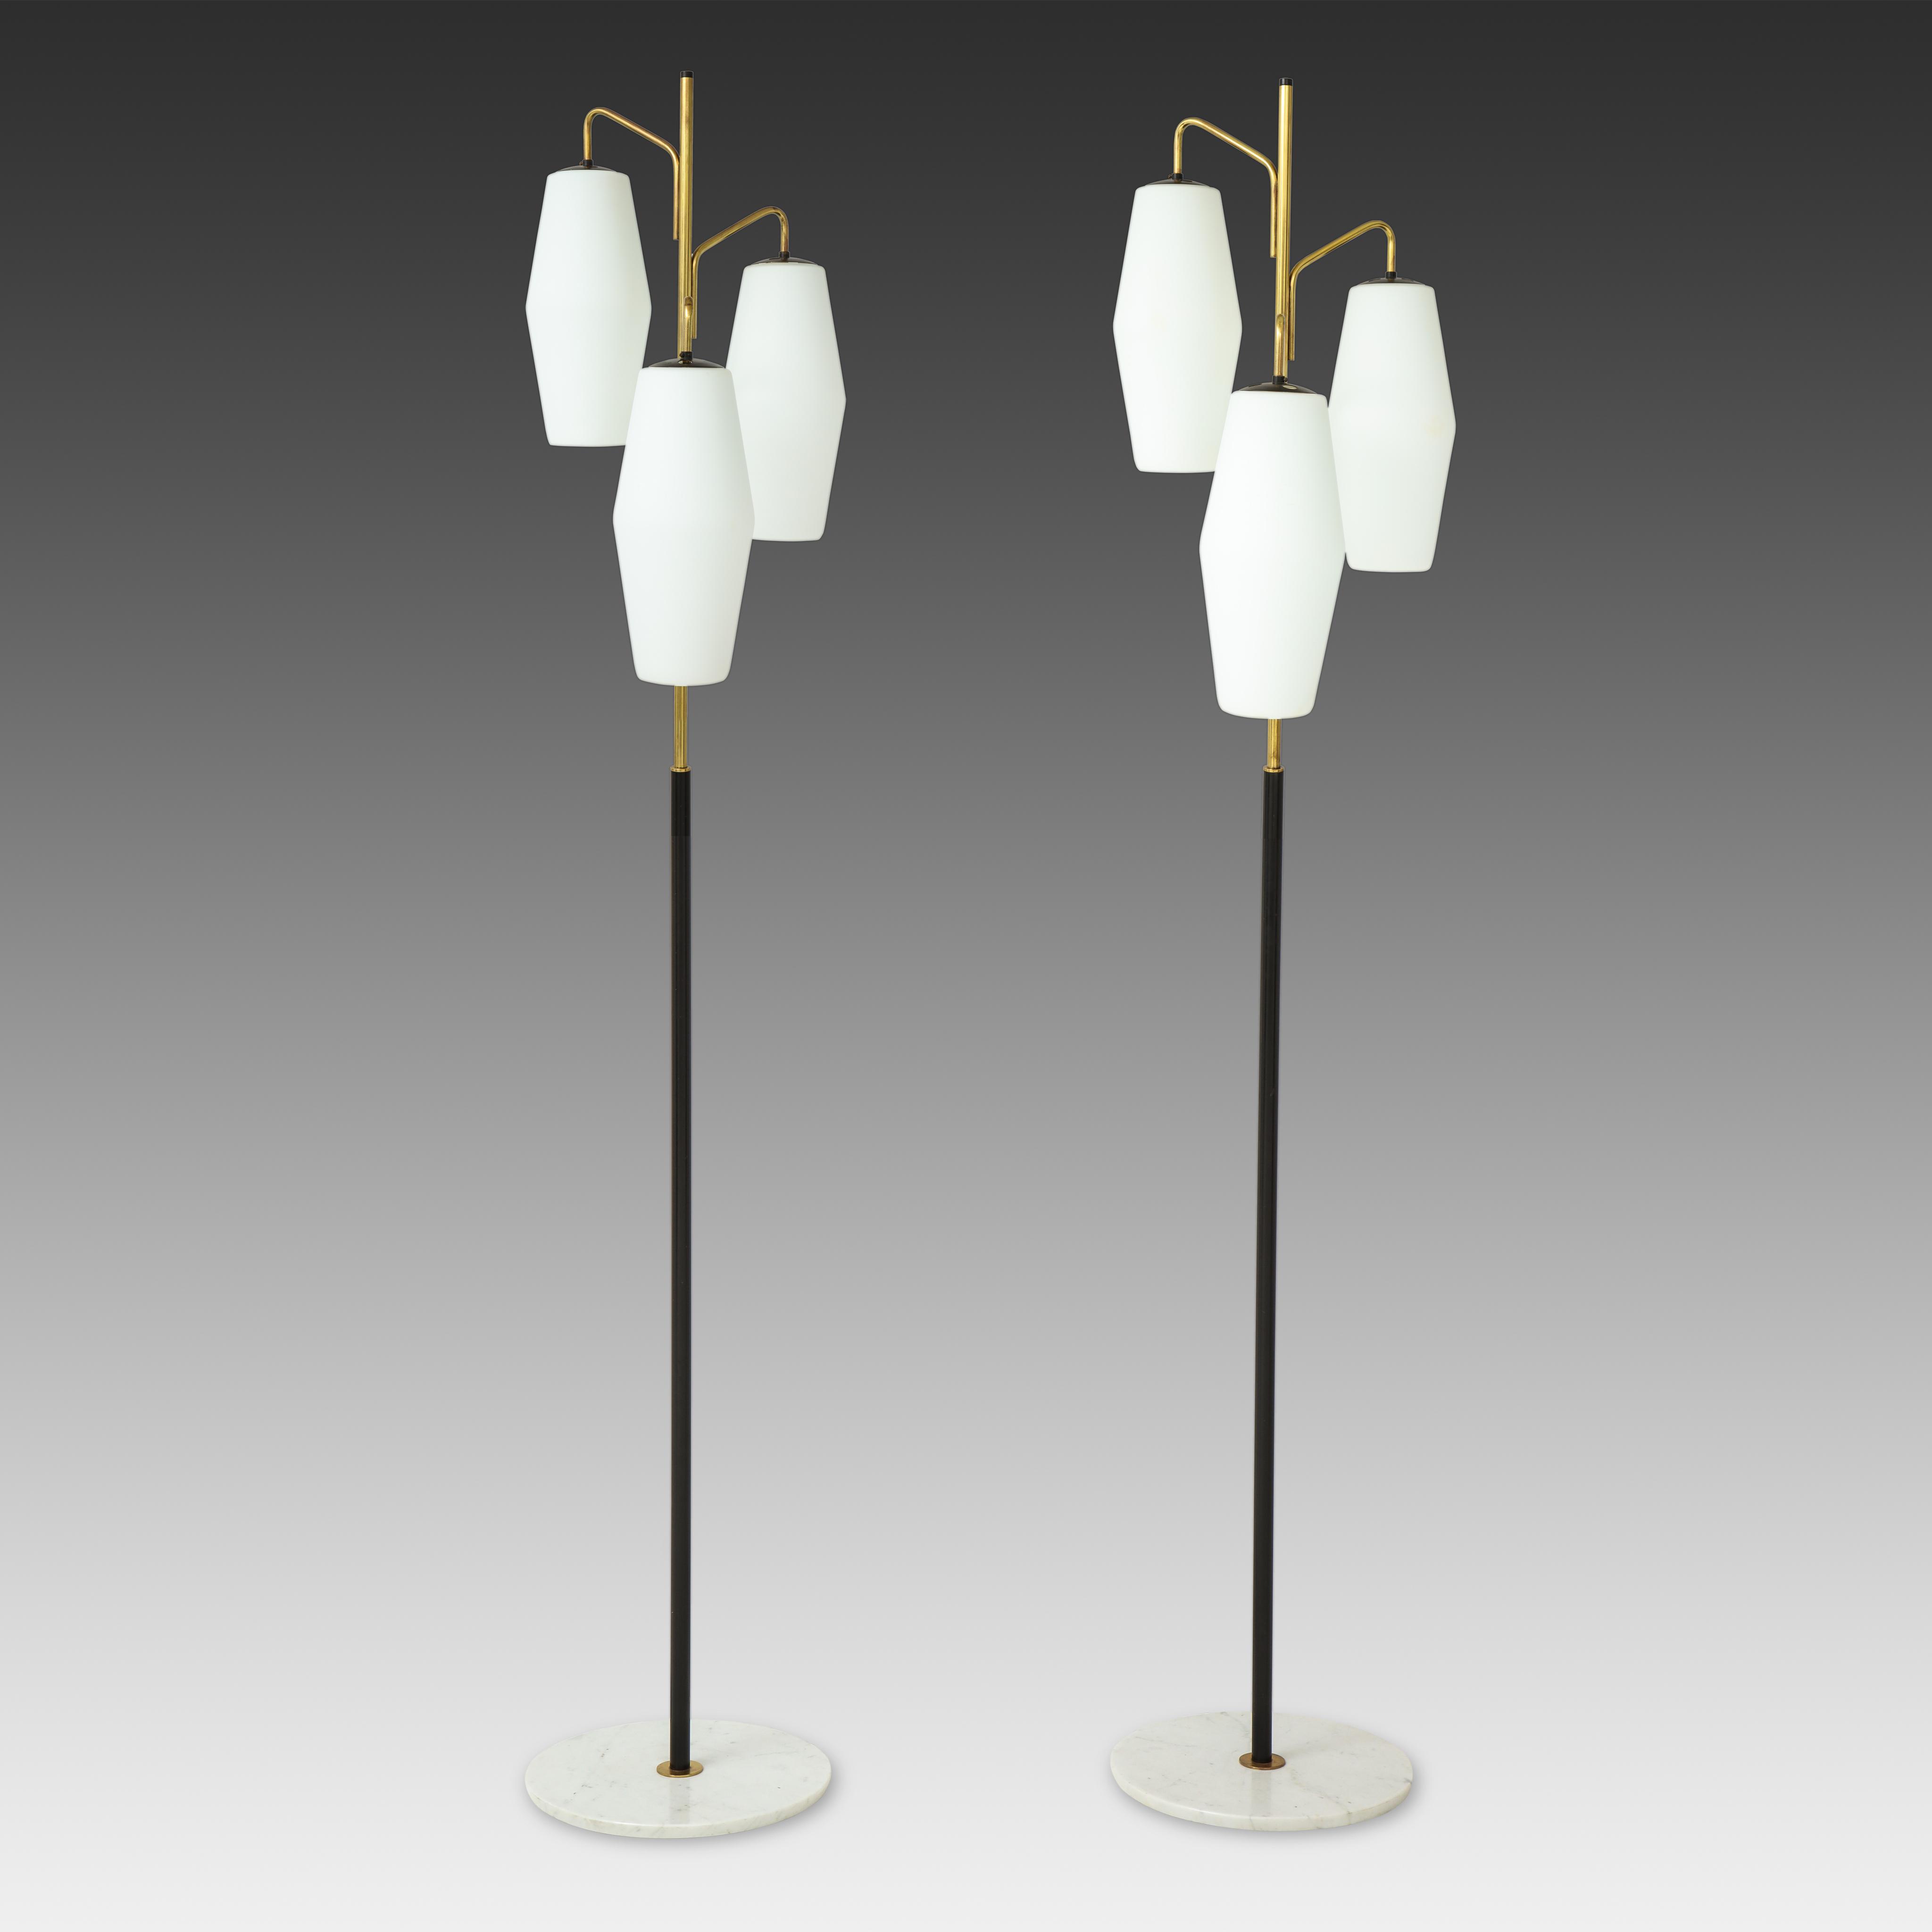 Pair of Floor Lamps Model 4052 by Stilnovo | soyun k.